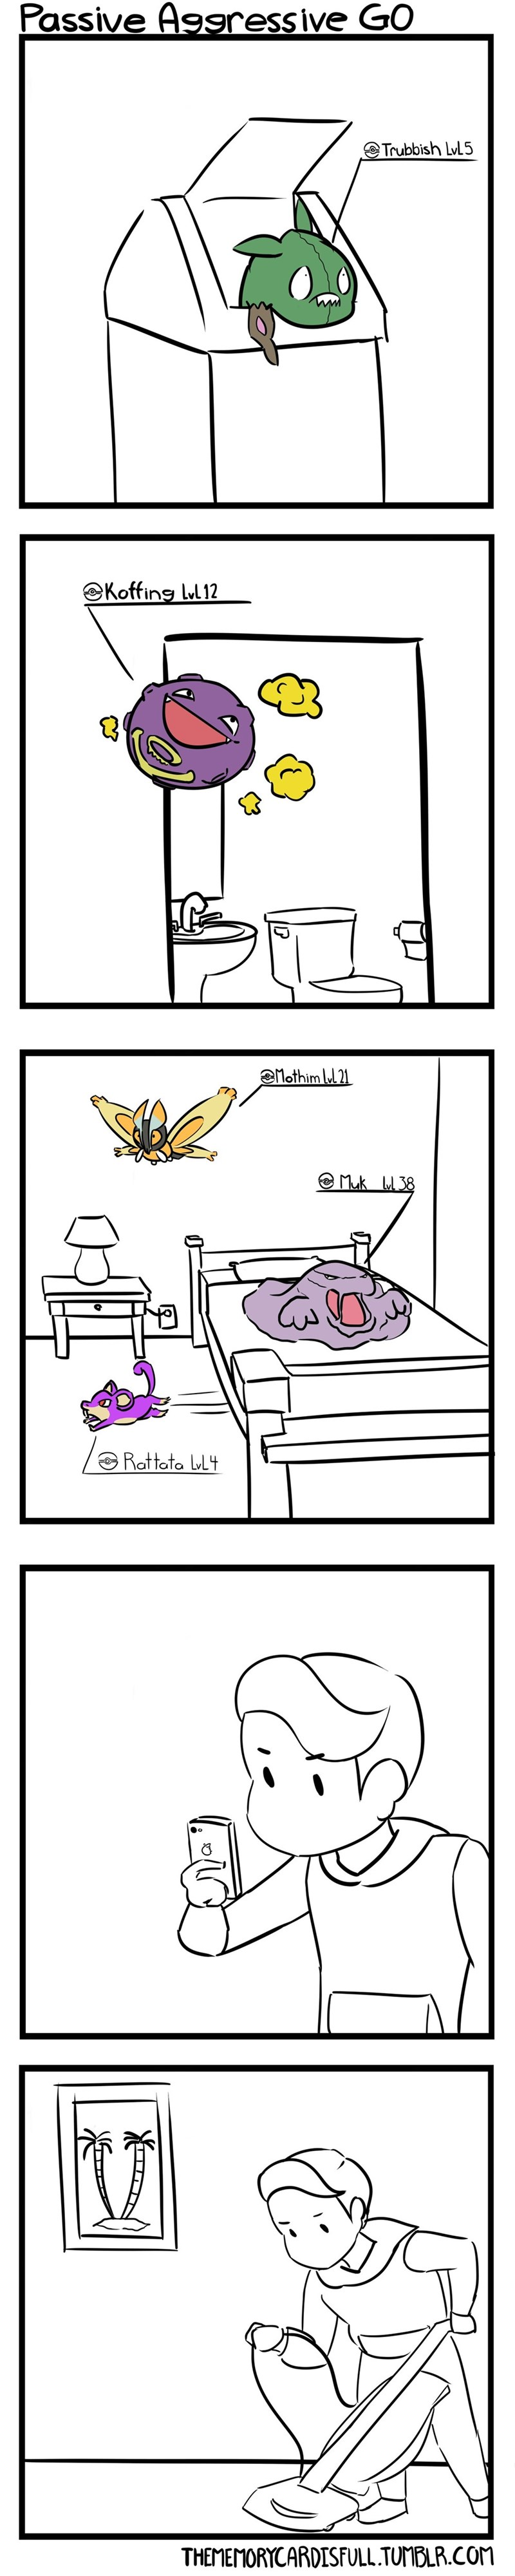 pokemon memes passive aggressive go